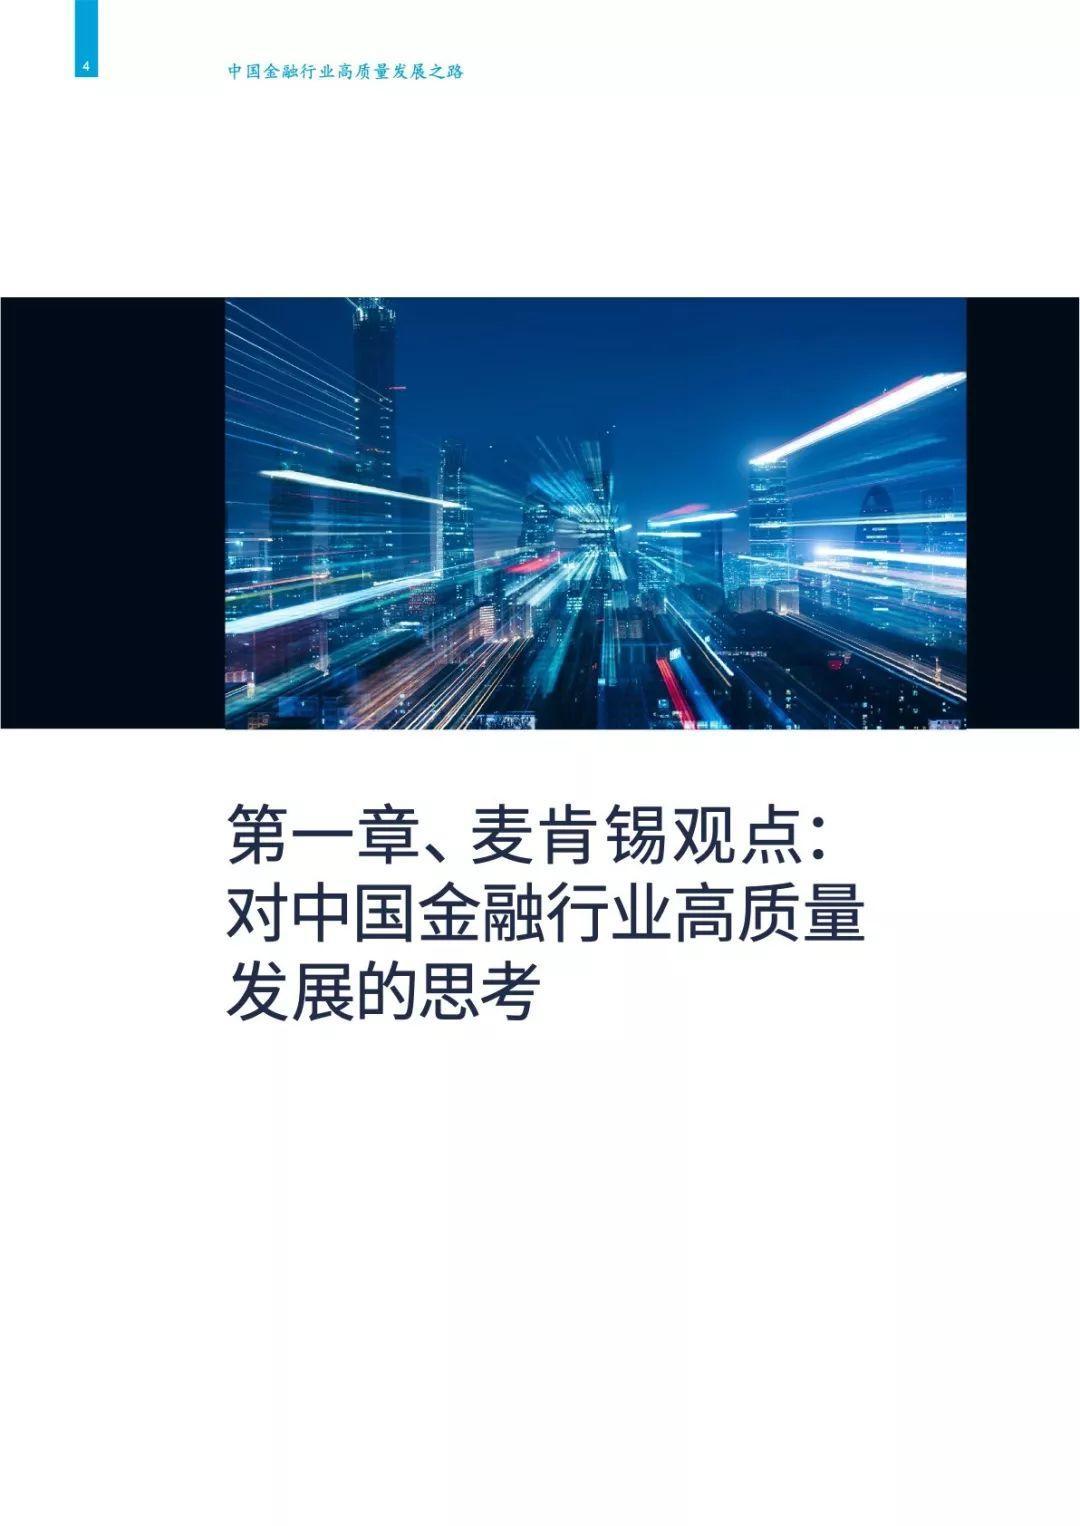 麦肯锡:2019中国金融行业高质量发展之路